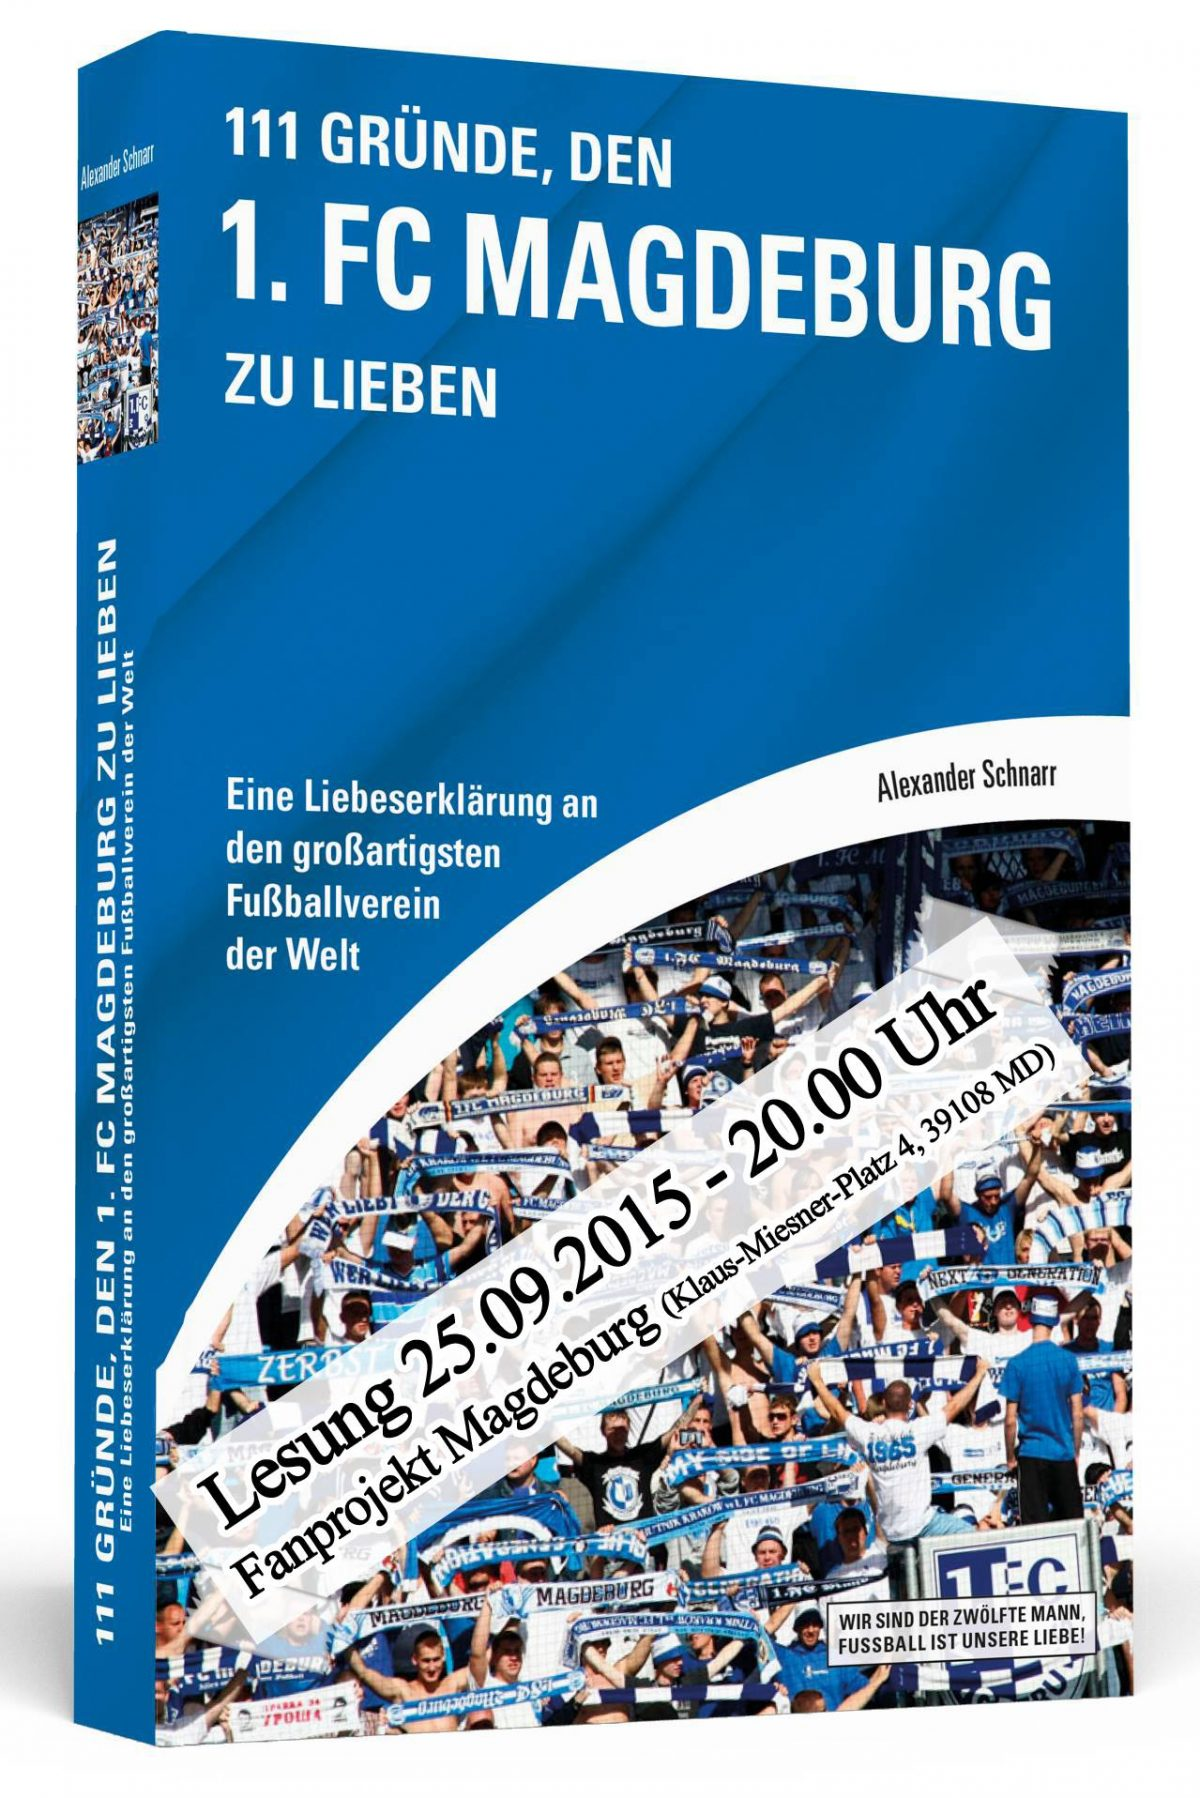 Buchlesung mit Alexander Schnarr